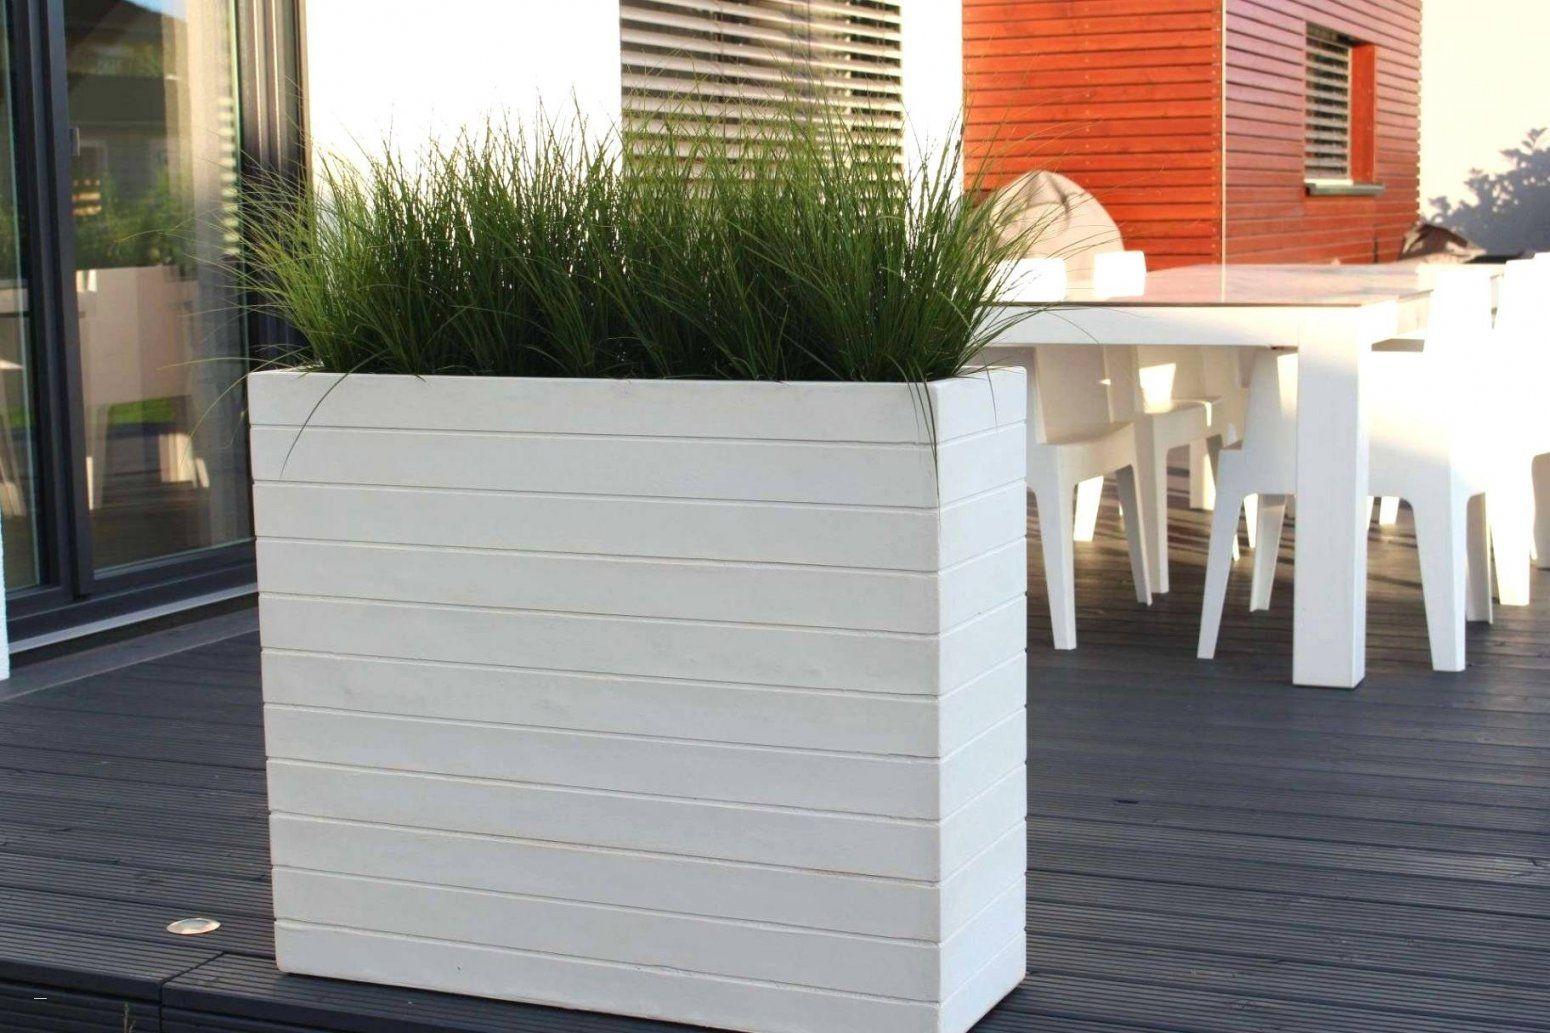 ideen f r den balkon neu einzigartig 40 balkon sichtschutz selber von balkon sichtschutz selber. Black Bedroom Furniture Sets. Home Design Ideas